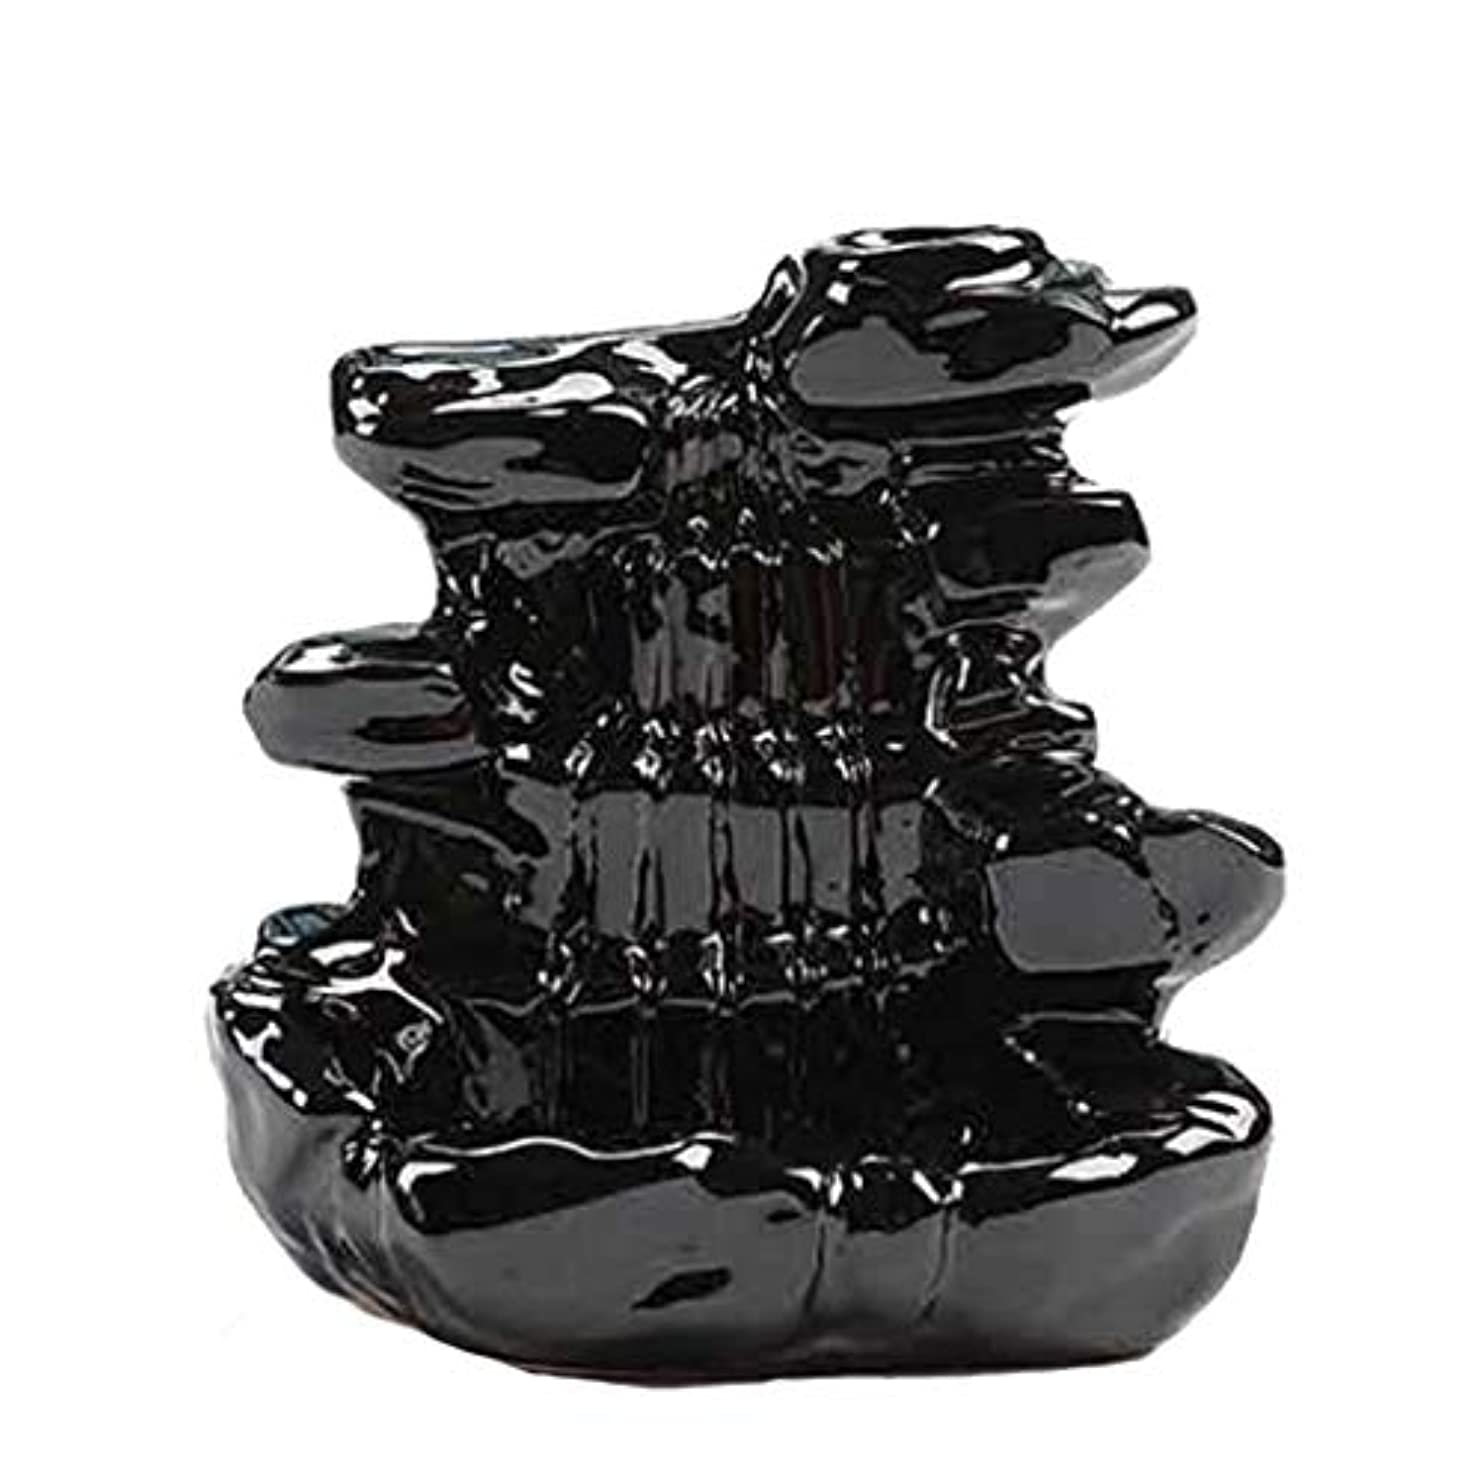 憂鬱なインスタント親愛な芳香器?アロマバーナー 家の装飾逆流香バーナーセラミックコーン滝香ホルダー仏教香炉 アロマバーナー芳香器 (Color : B)